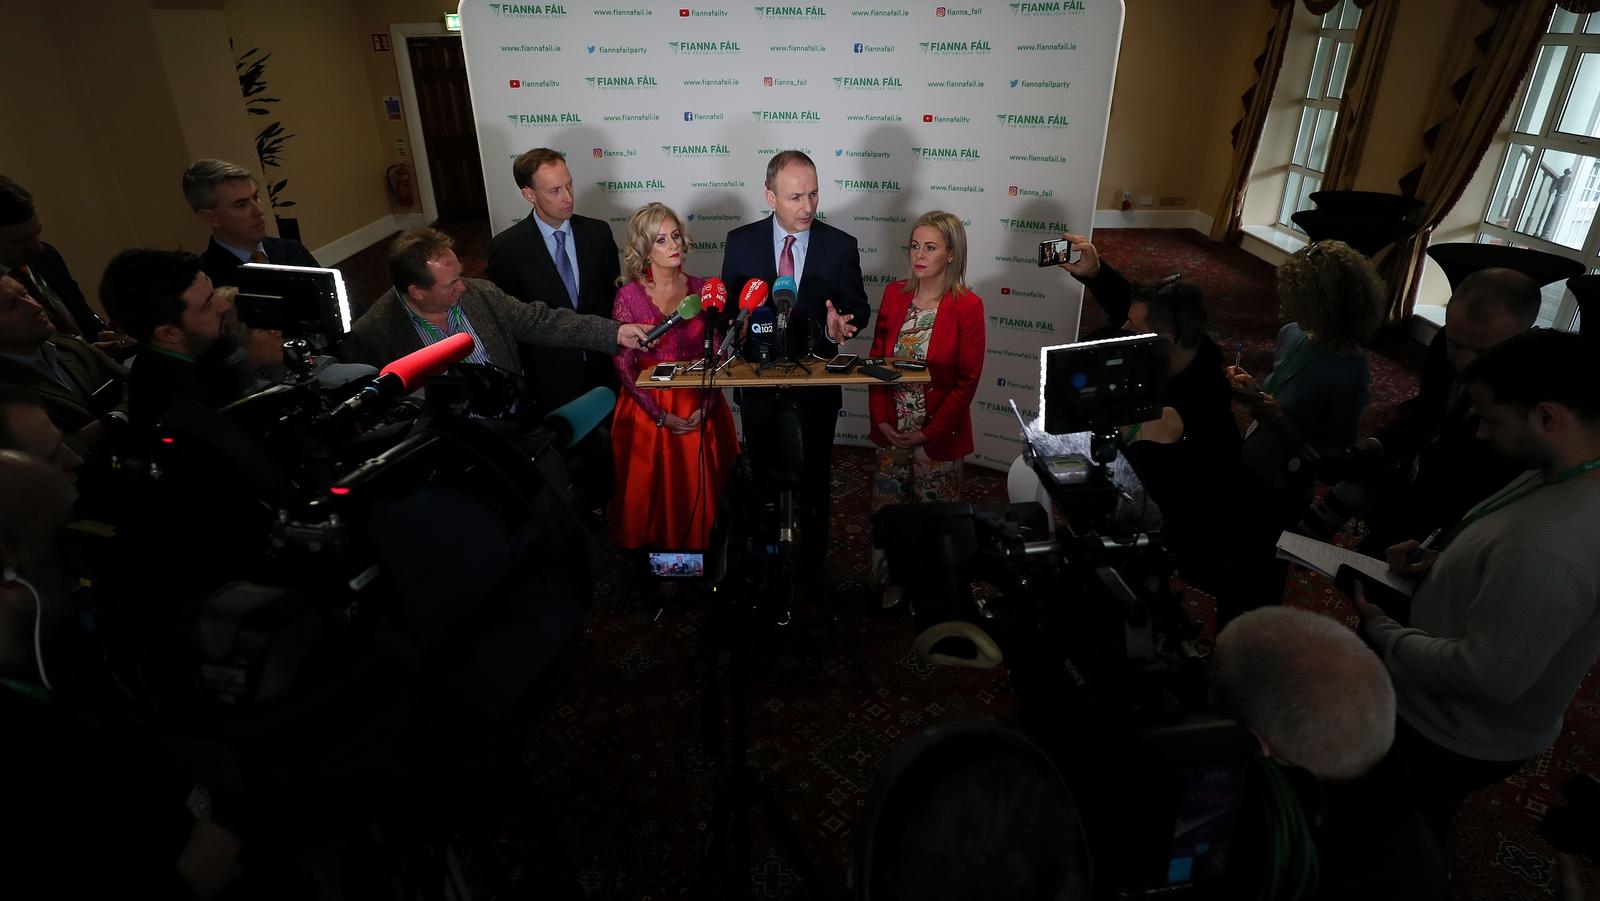 Image - Micheál Martin speaks to the media at the Fianna Fáil ard fheis earlier this year